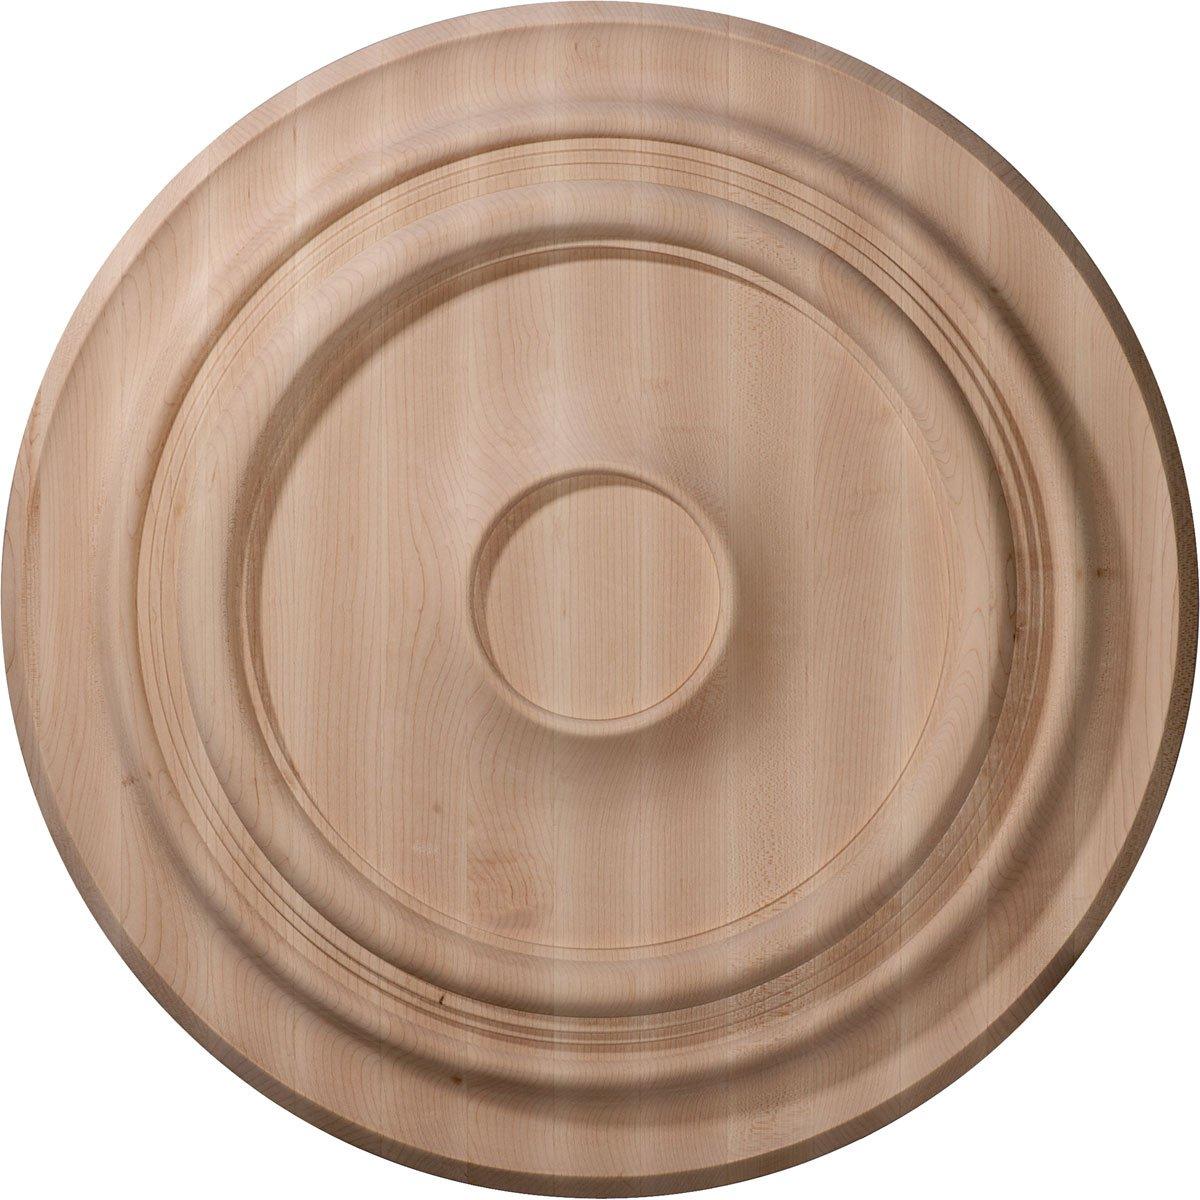 Ekena Millwork CMW16TRRO Ceiling Medallion, 16''OD x 1 1/8''P, Red Oak by Ekena Millwork